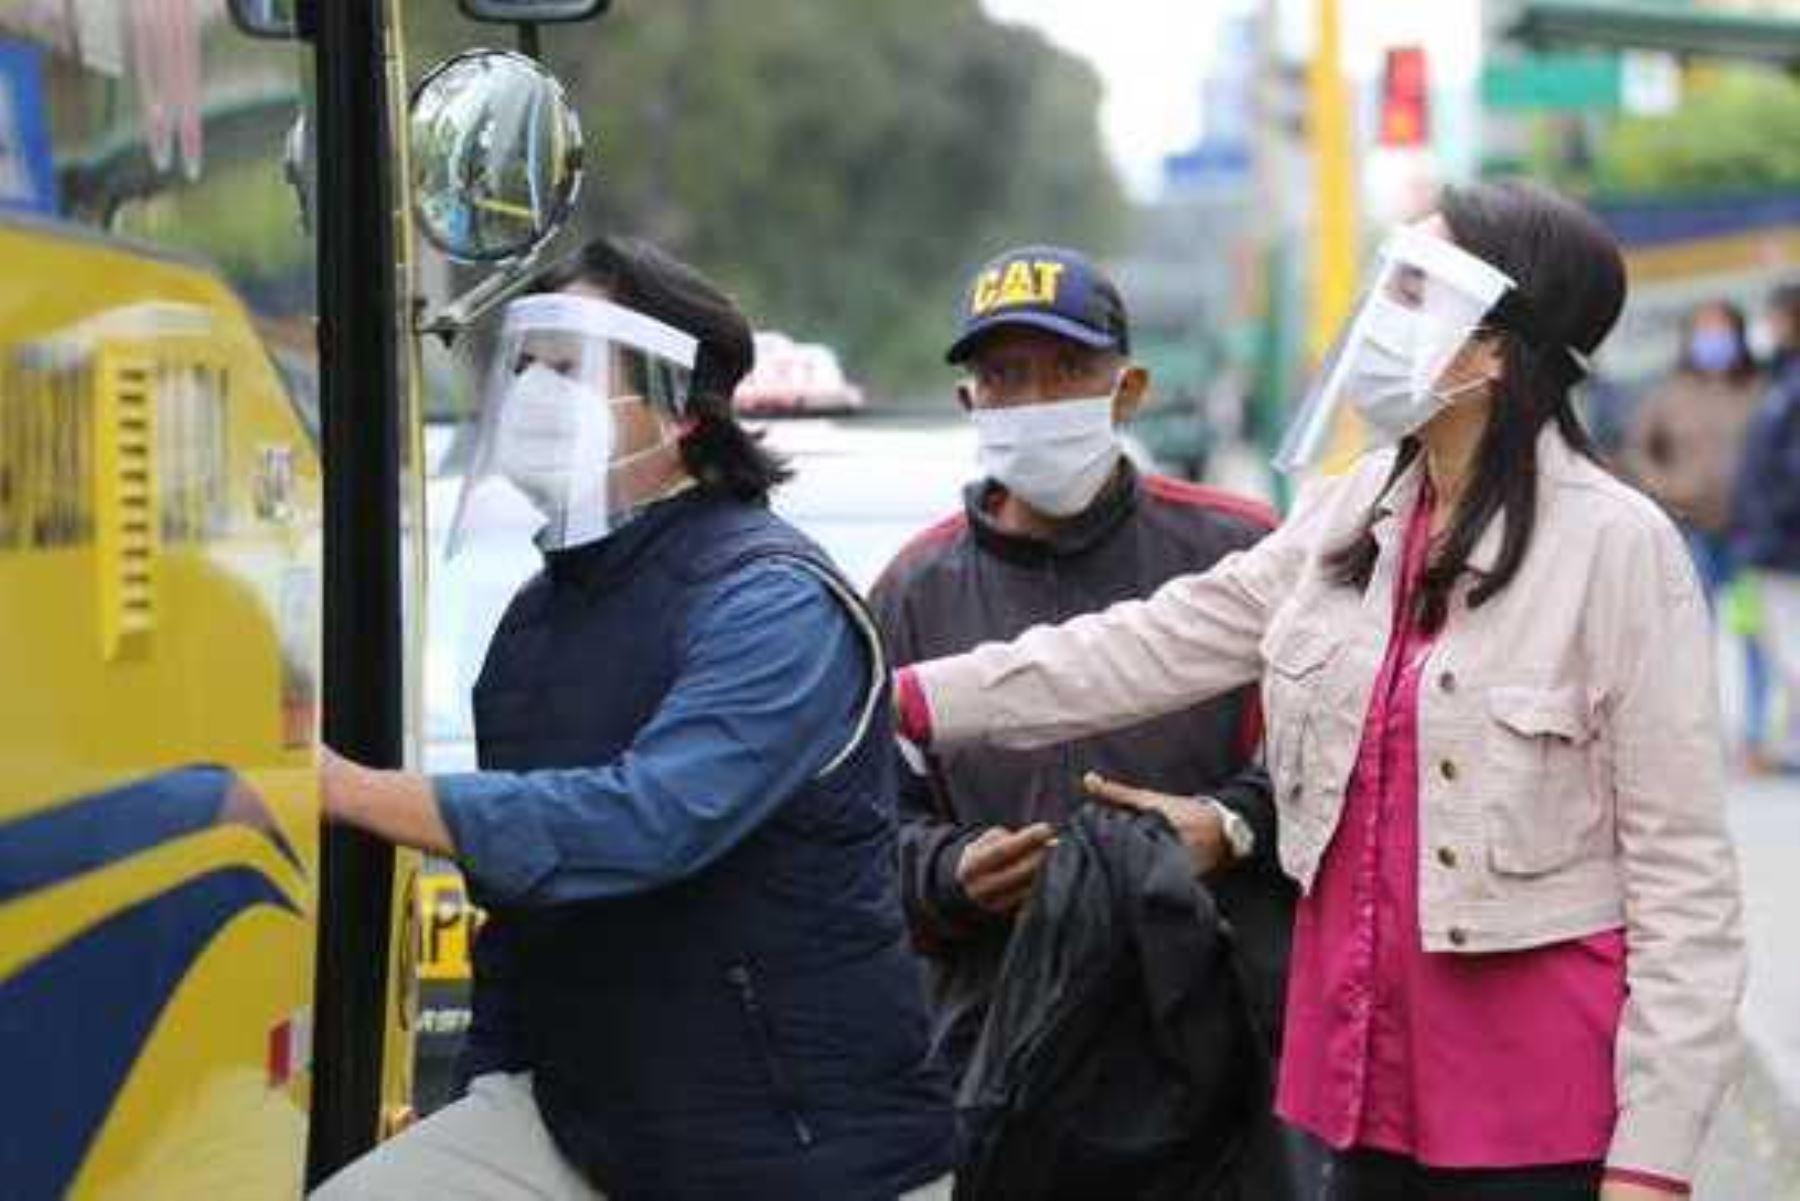 Protector facial complementa la mascarilla, no la reemplaza. Foto: ANDINA/Difusión.